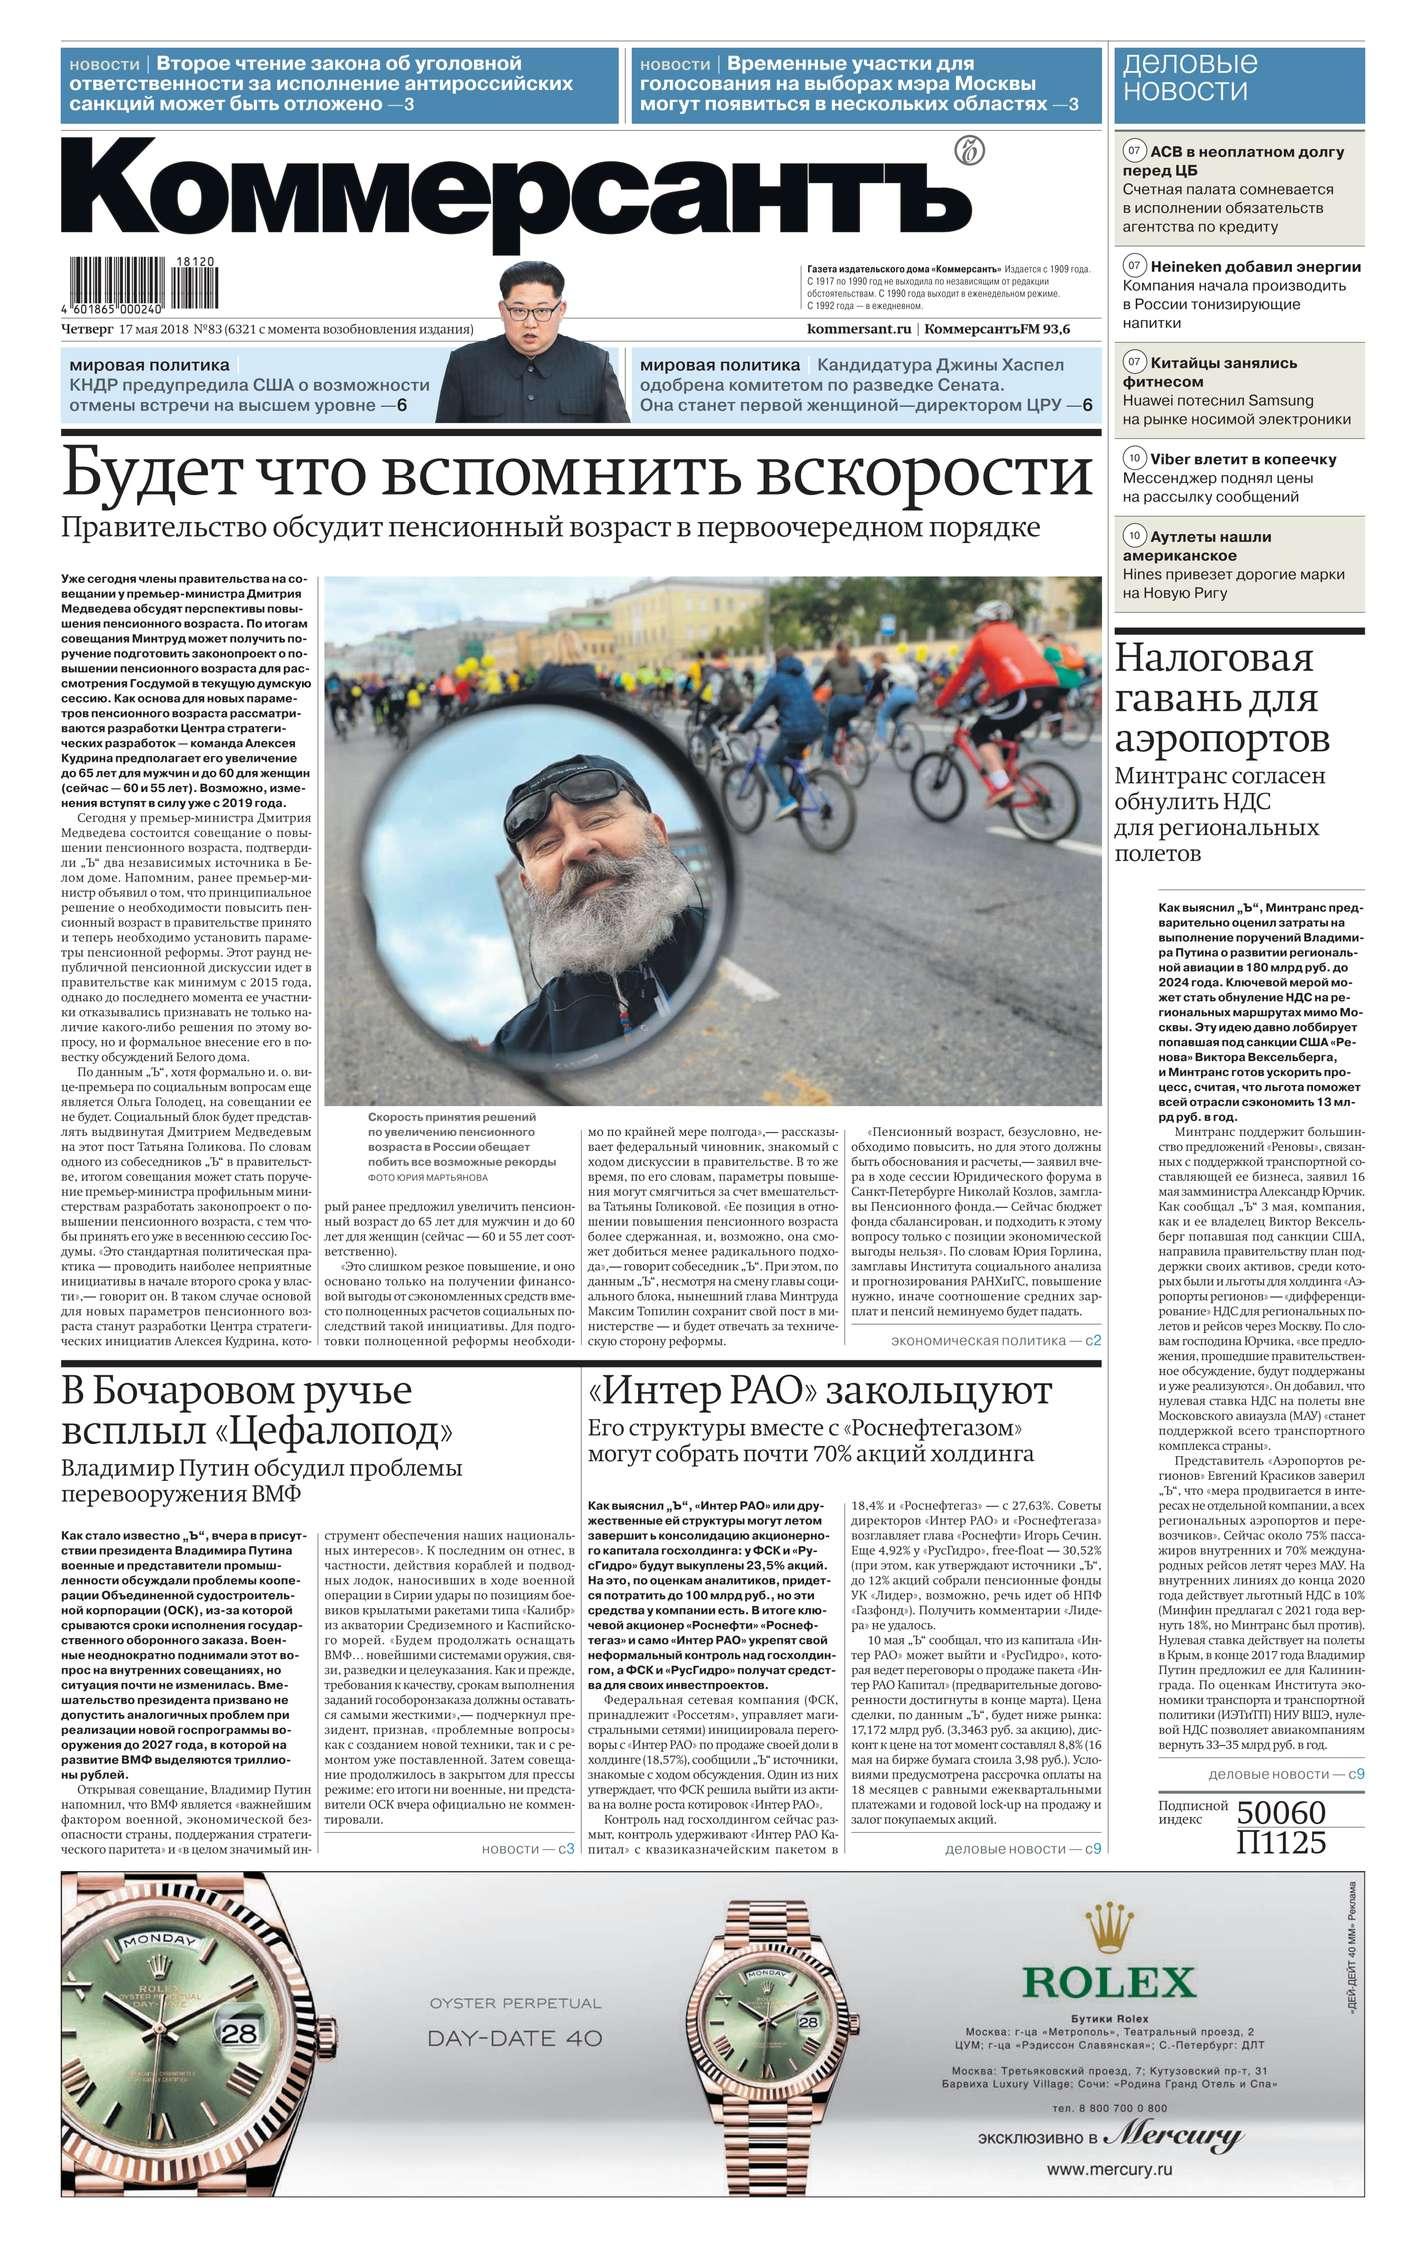 Редакция газеты Коммерсантъ (понедельник-пятница) Коммерсантъ (понедельник-пятница) 83-2018 цена